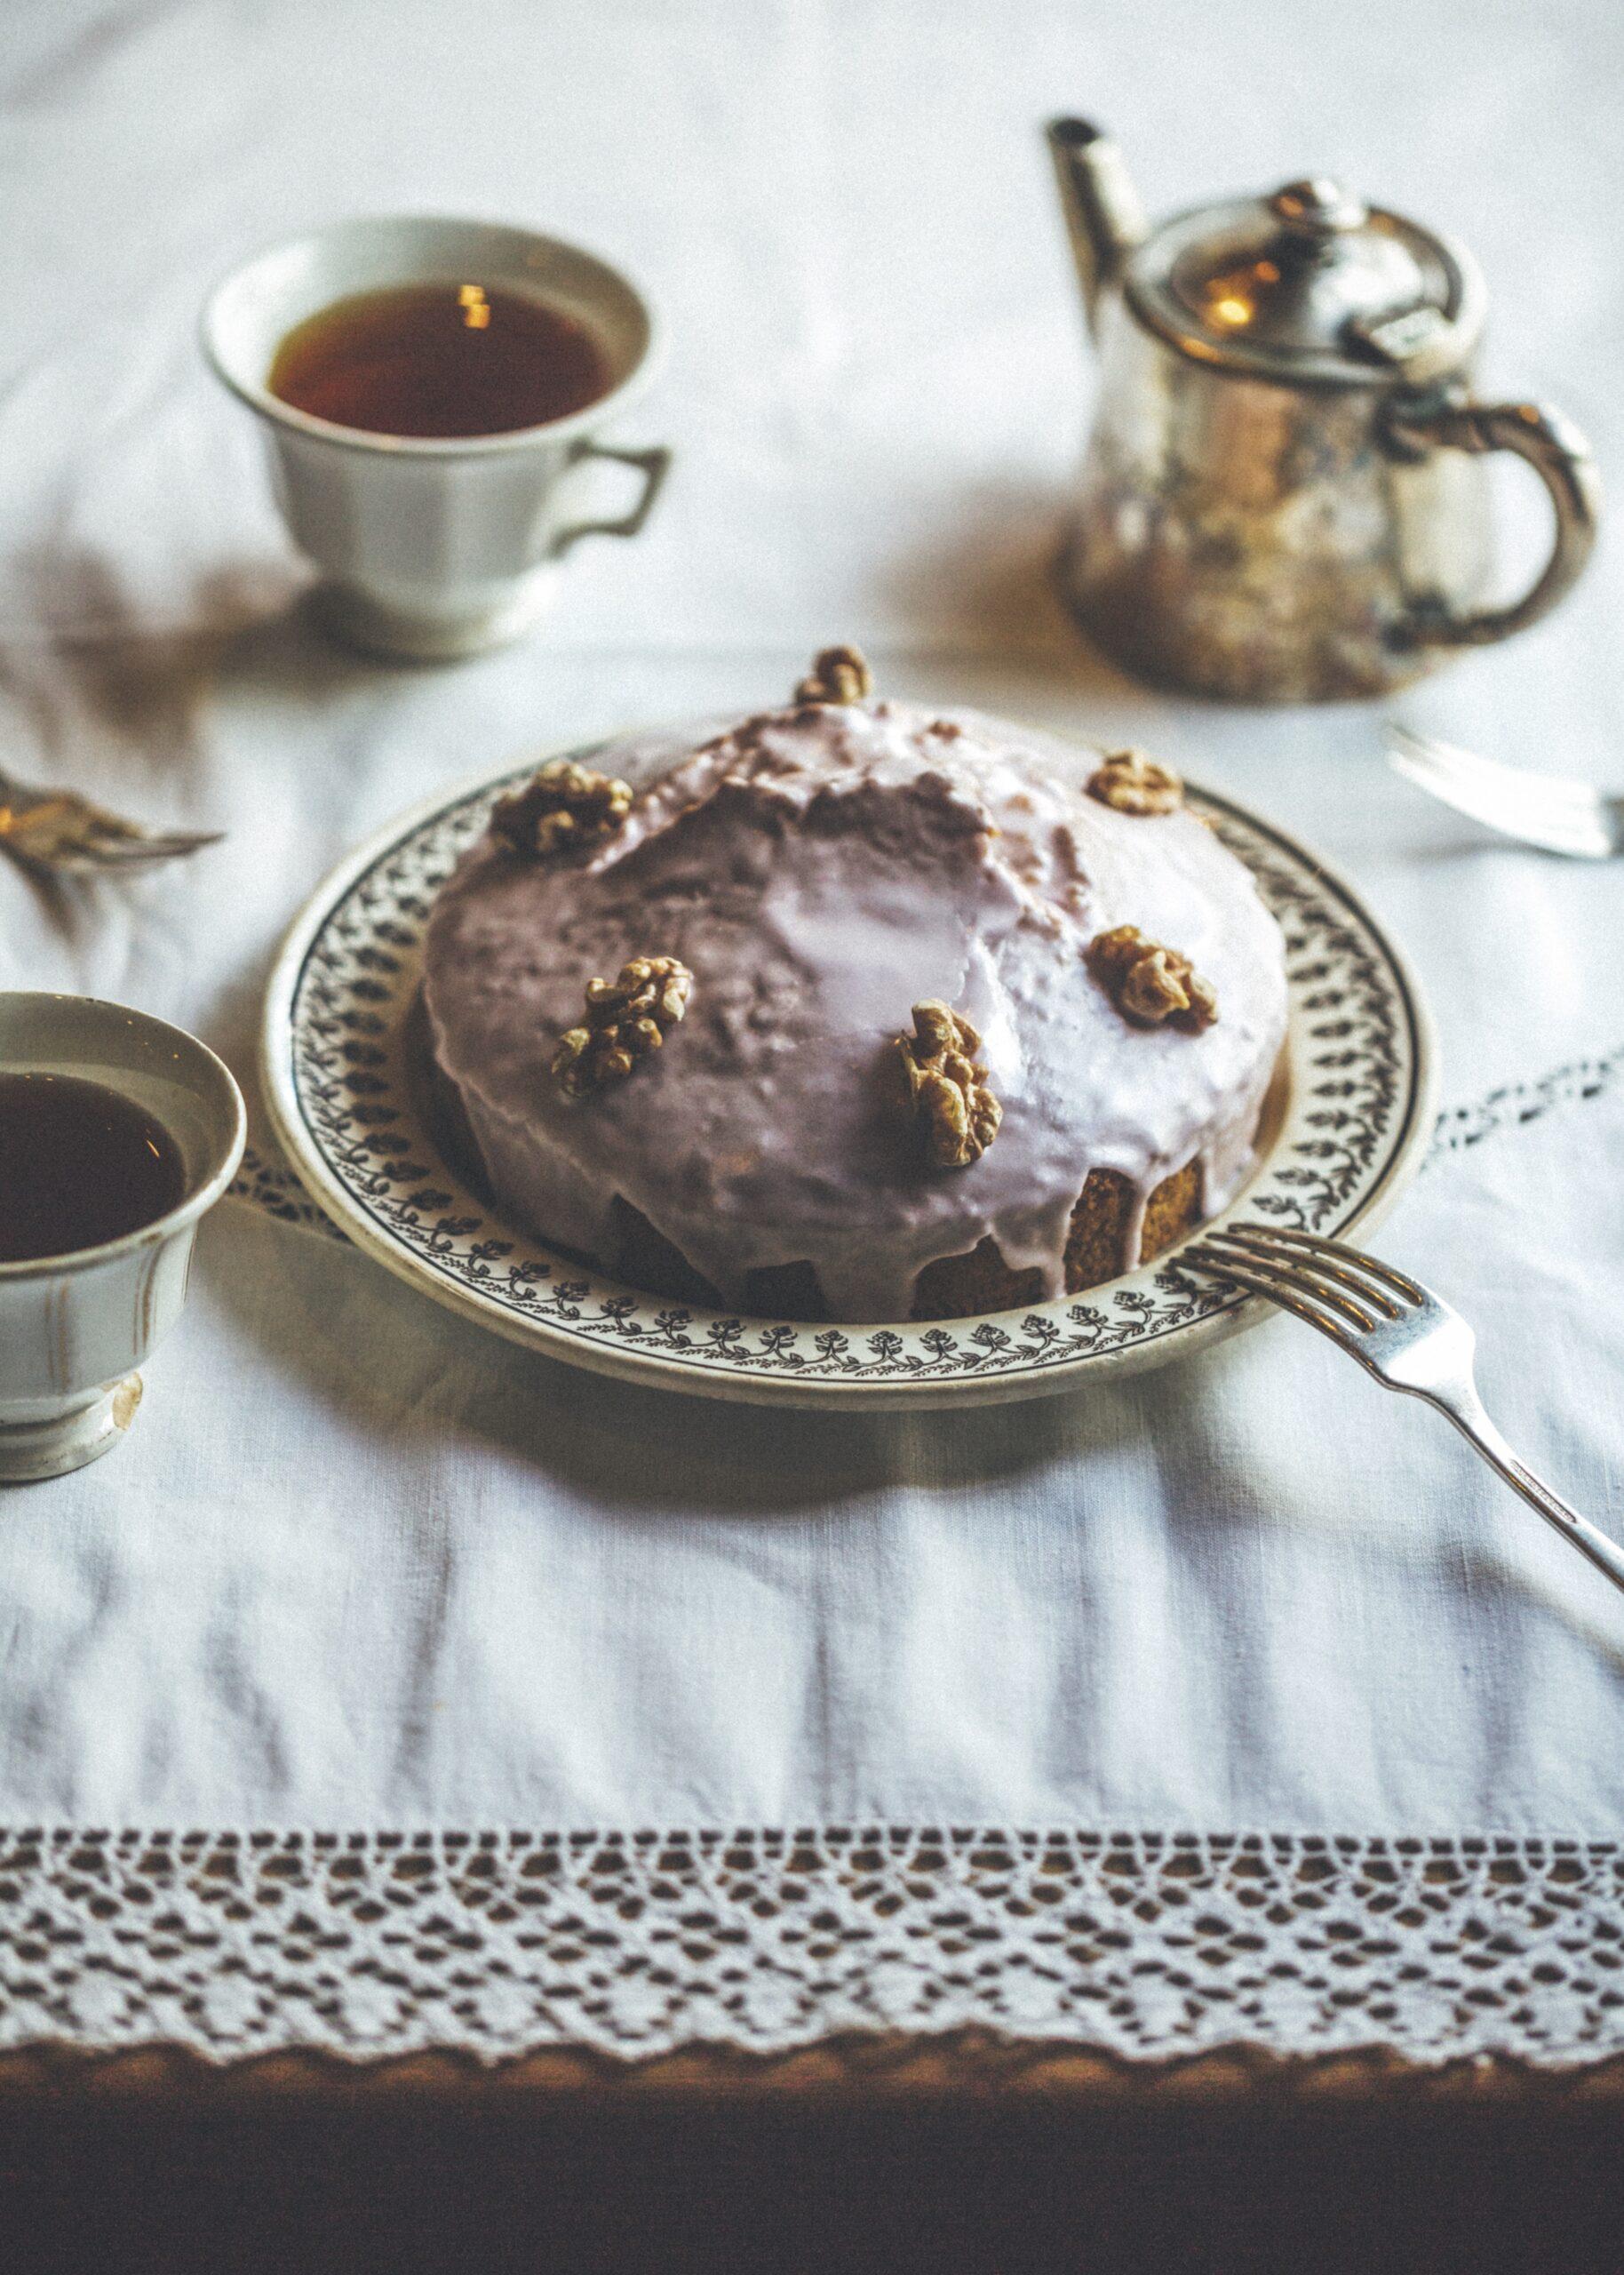 おいしいおはなし 第39回『クマのプーさん』プーさん憧れの桃色の砂糖衣のケーキ